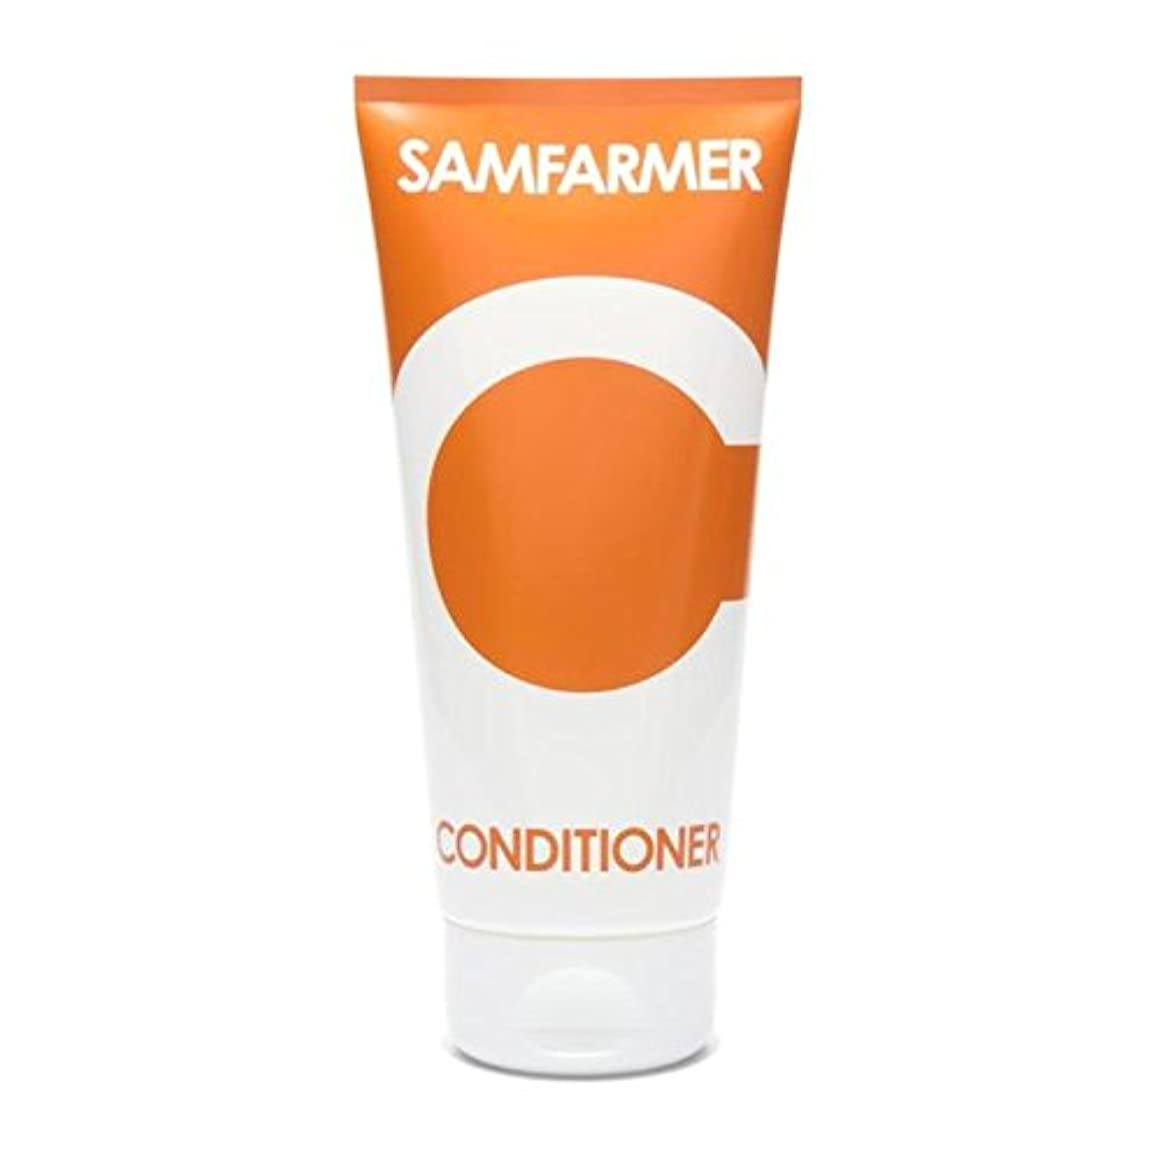 アグネスグレイレンズエスカレートSAMFARMER Unisex Conditioner 200ml - ユニセックスコンディショナー200 [並行輸入品]